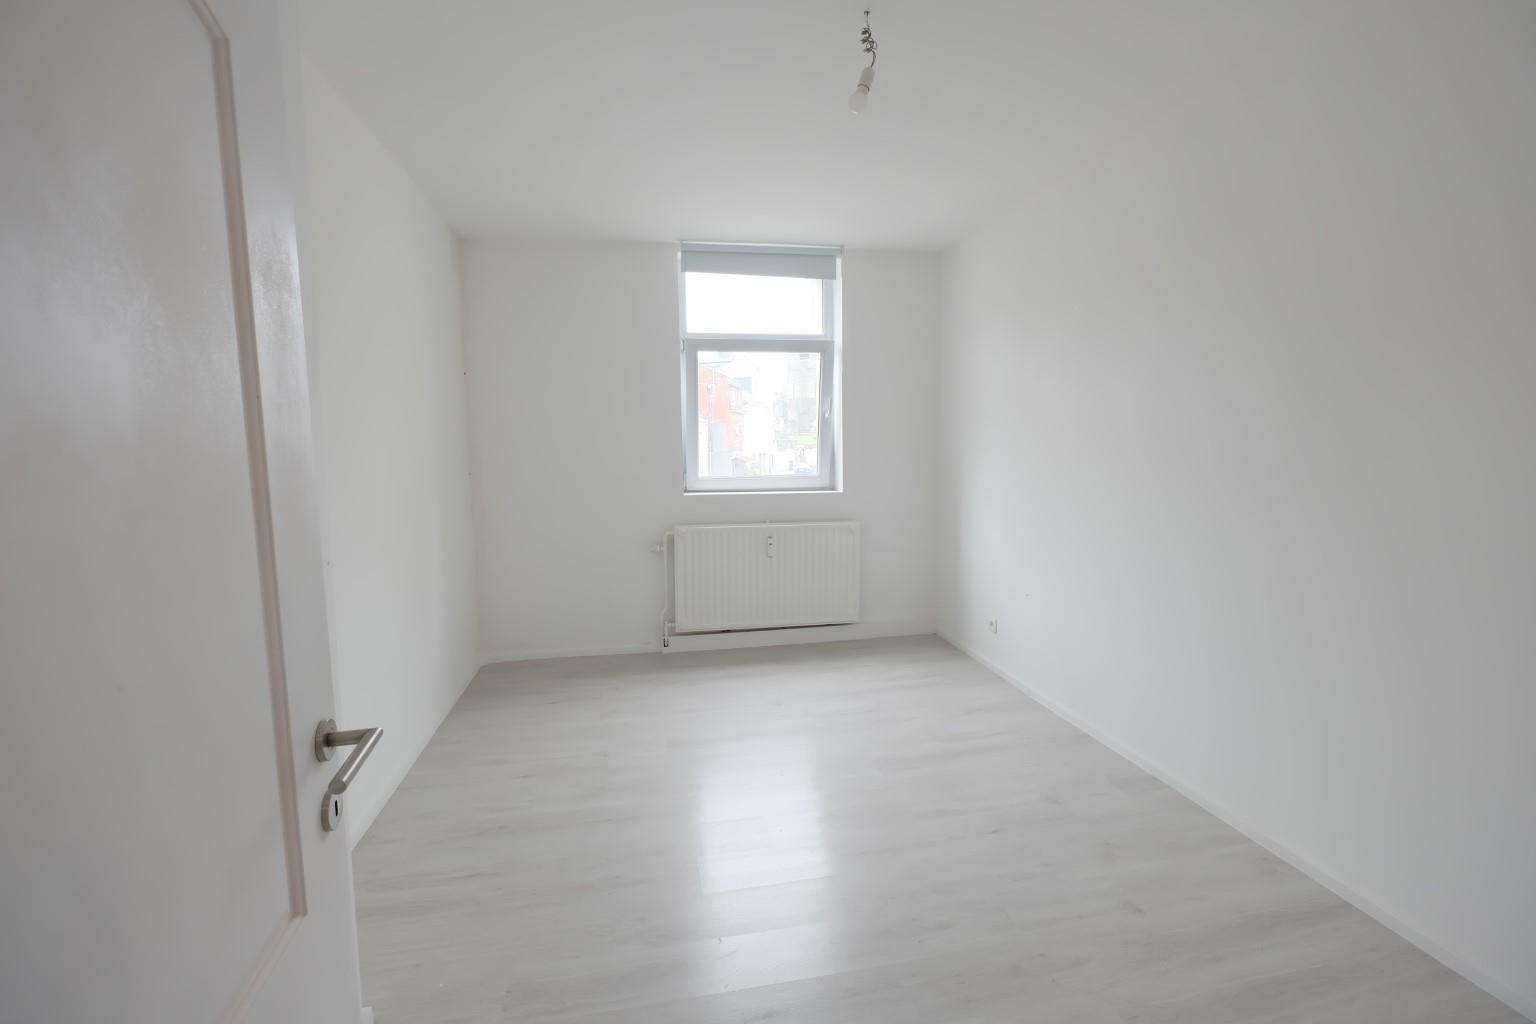 Appartement - Braine-le-Comte Ronquières - #3952514-2